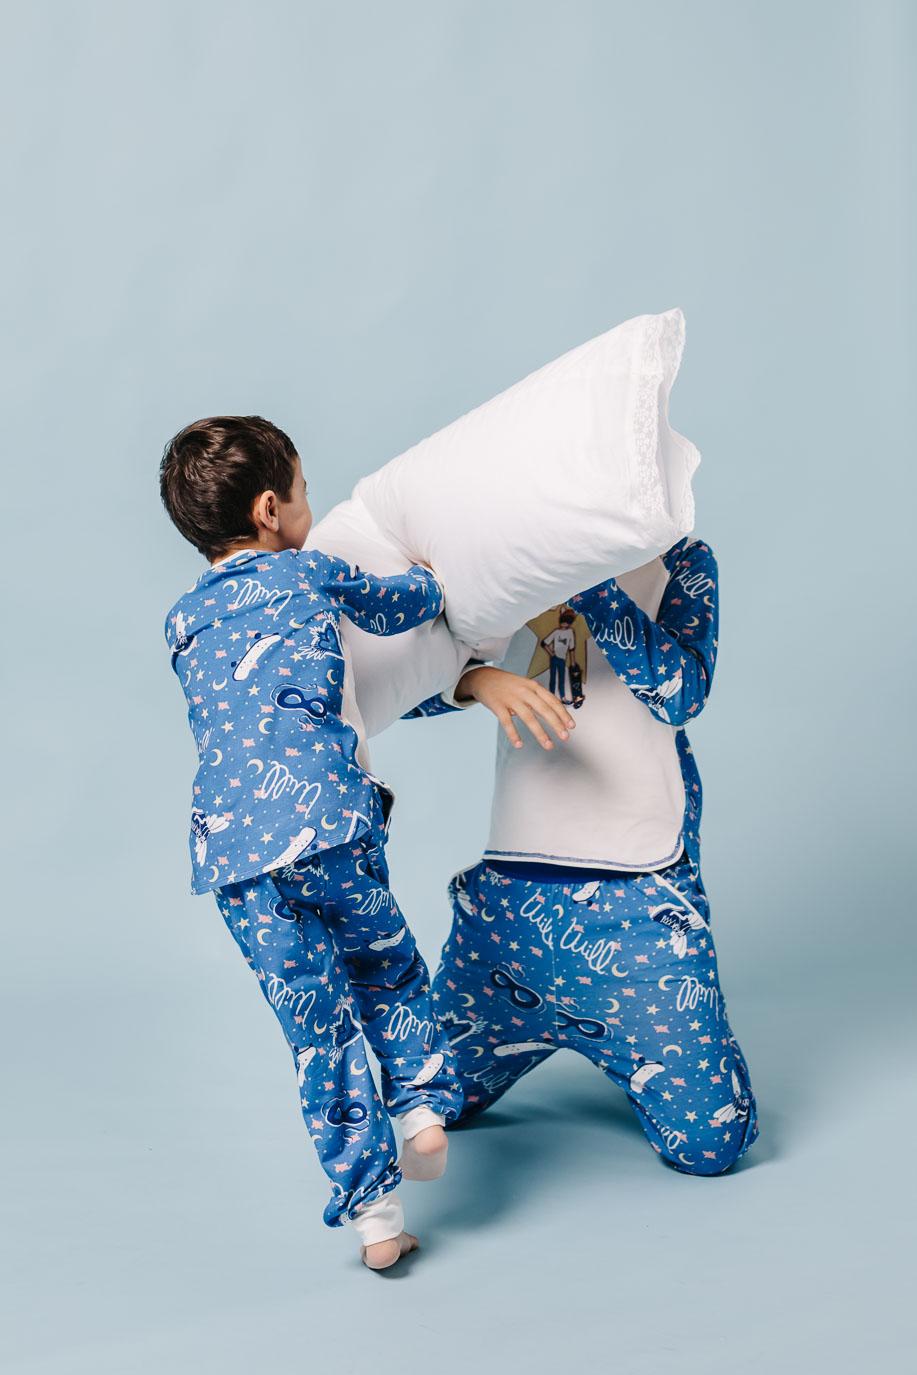 pijama suenya estels 0031 web Estels